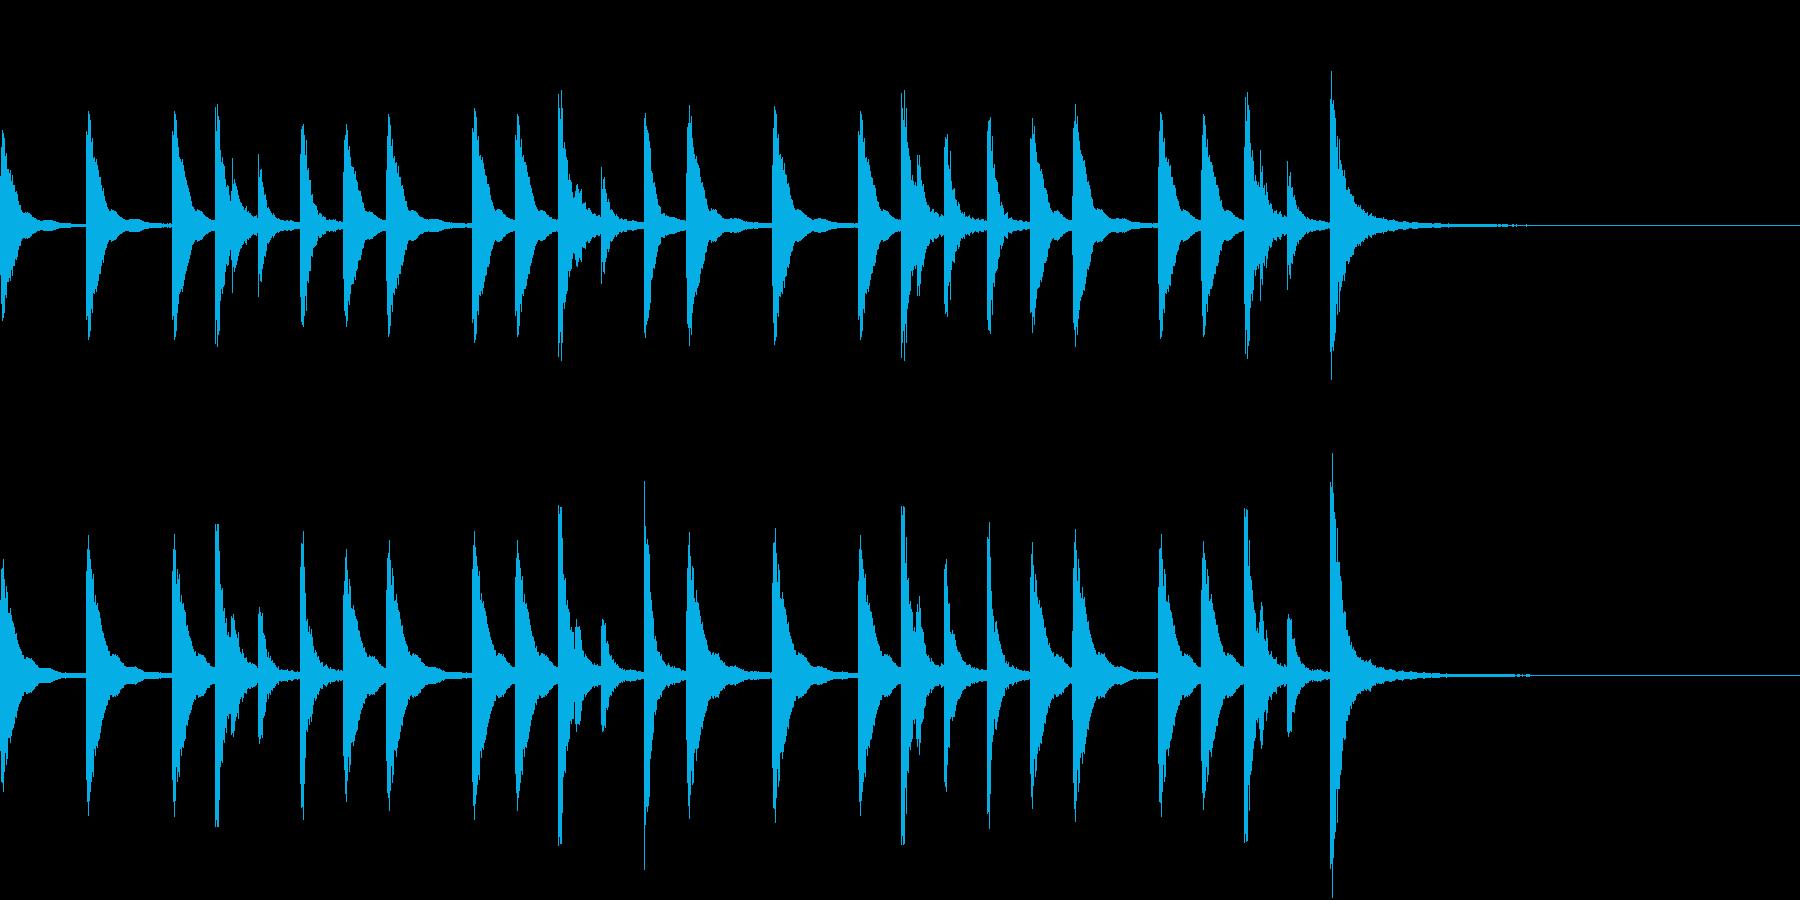 お囃子祭りの軽快な当り鉦のフレーズ音FXの再生済みの波形